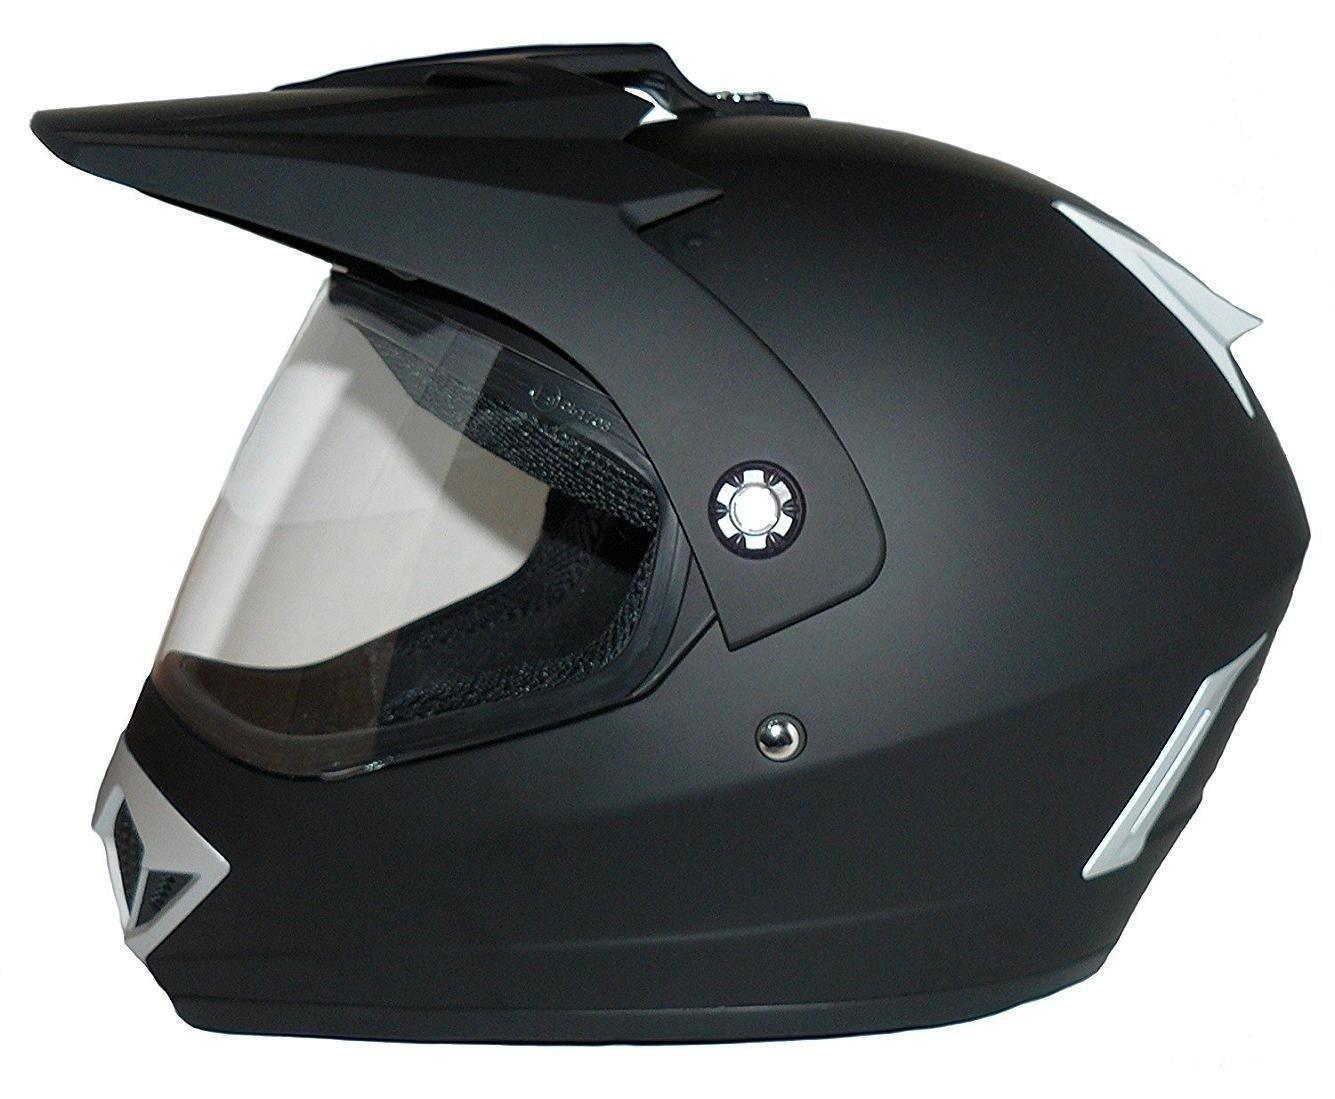 casco Enduro casco nero opaco con visiera Taglia XL Protectwear V370 casco del motociclo Croce